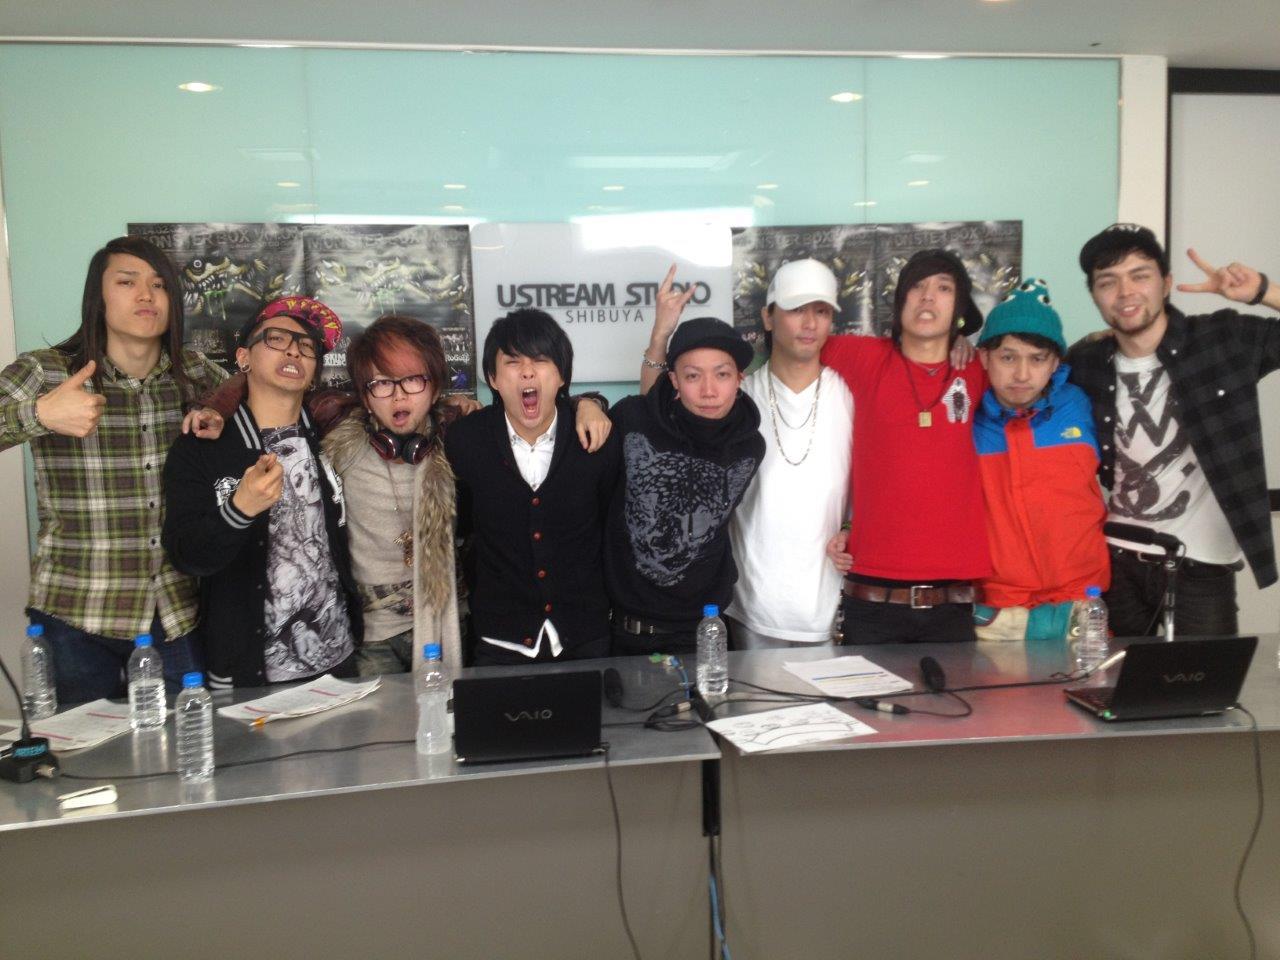 1月27日O.A.のUstream出演者集合写真